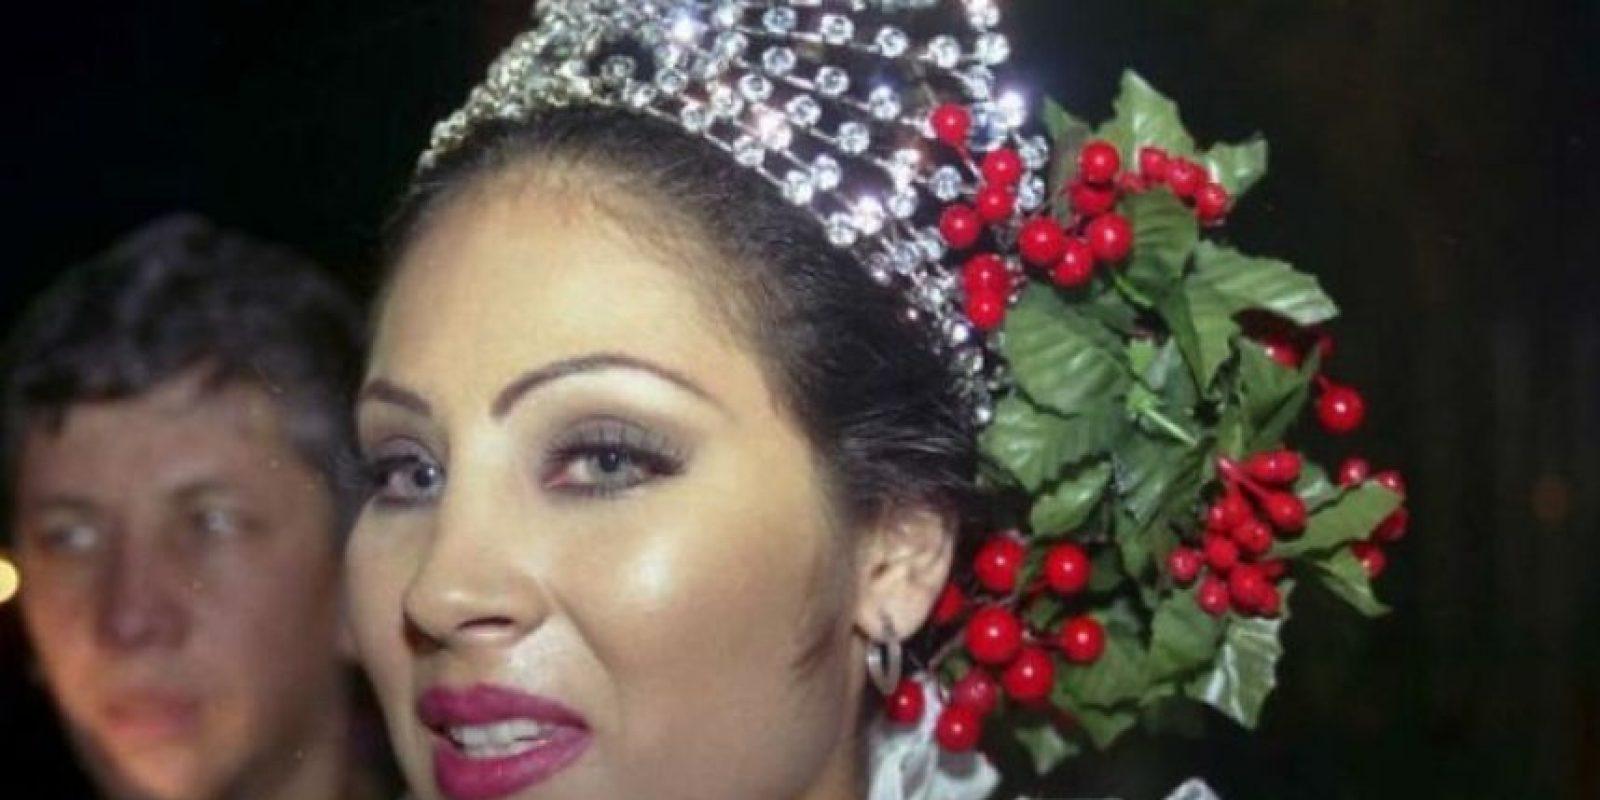 Angie Sanclemente Valencia: La modelo colombiana pertenecía a una red de narcotraficantes junto a su novio, 6 años menor que ella, que pretendía llevar modelos con droga a diferentes partes del mundo desde Argentina. Foto:Tumbrl